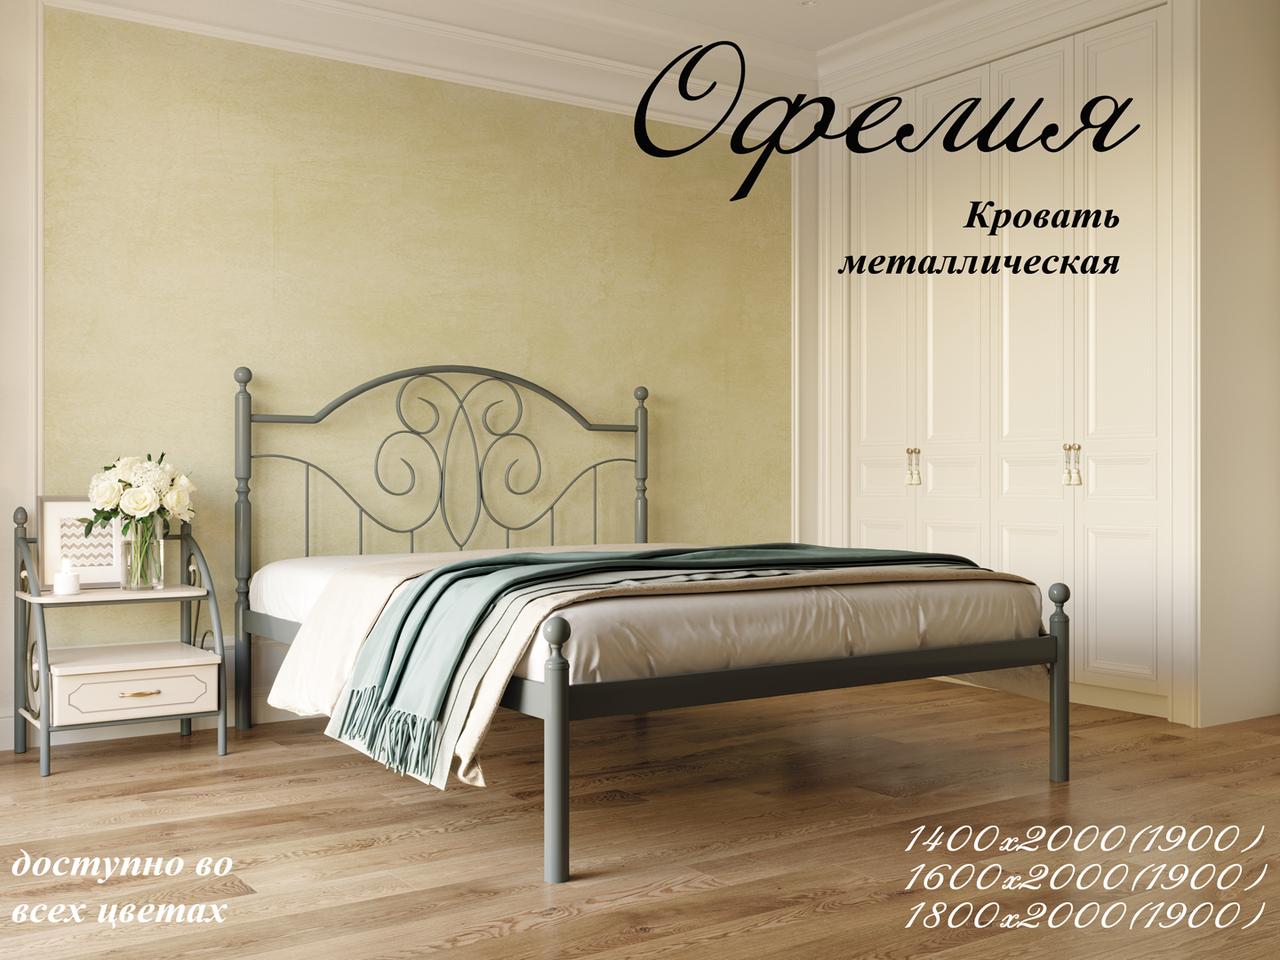 Металлическая кровать Офелия. ТМ  Металл-Дизайн